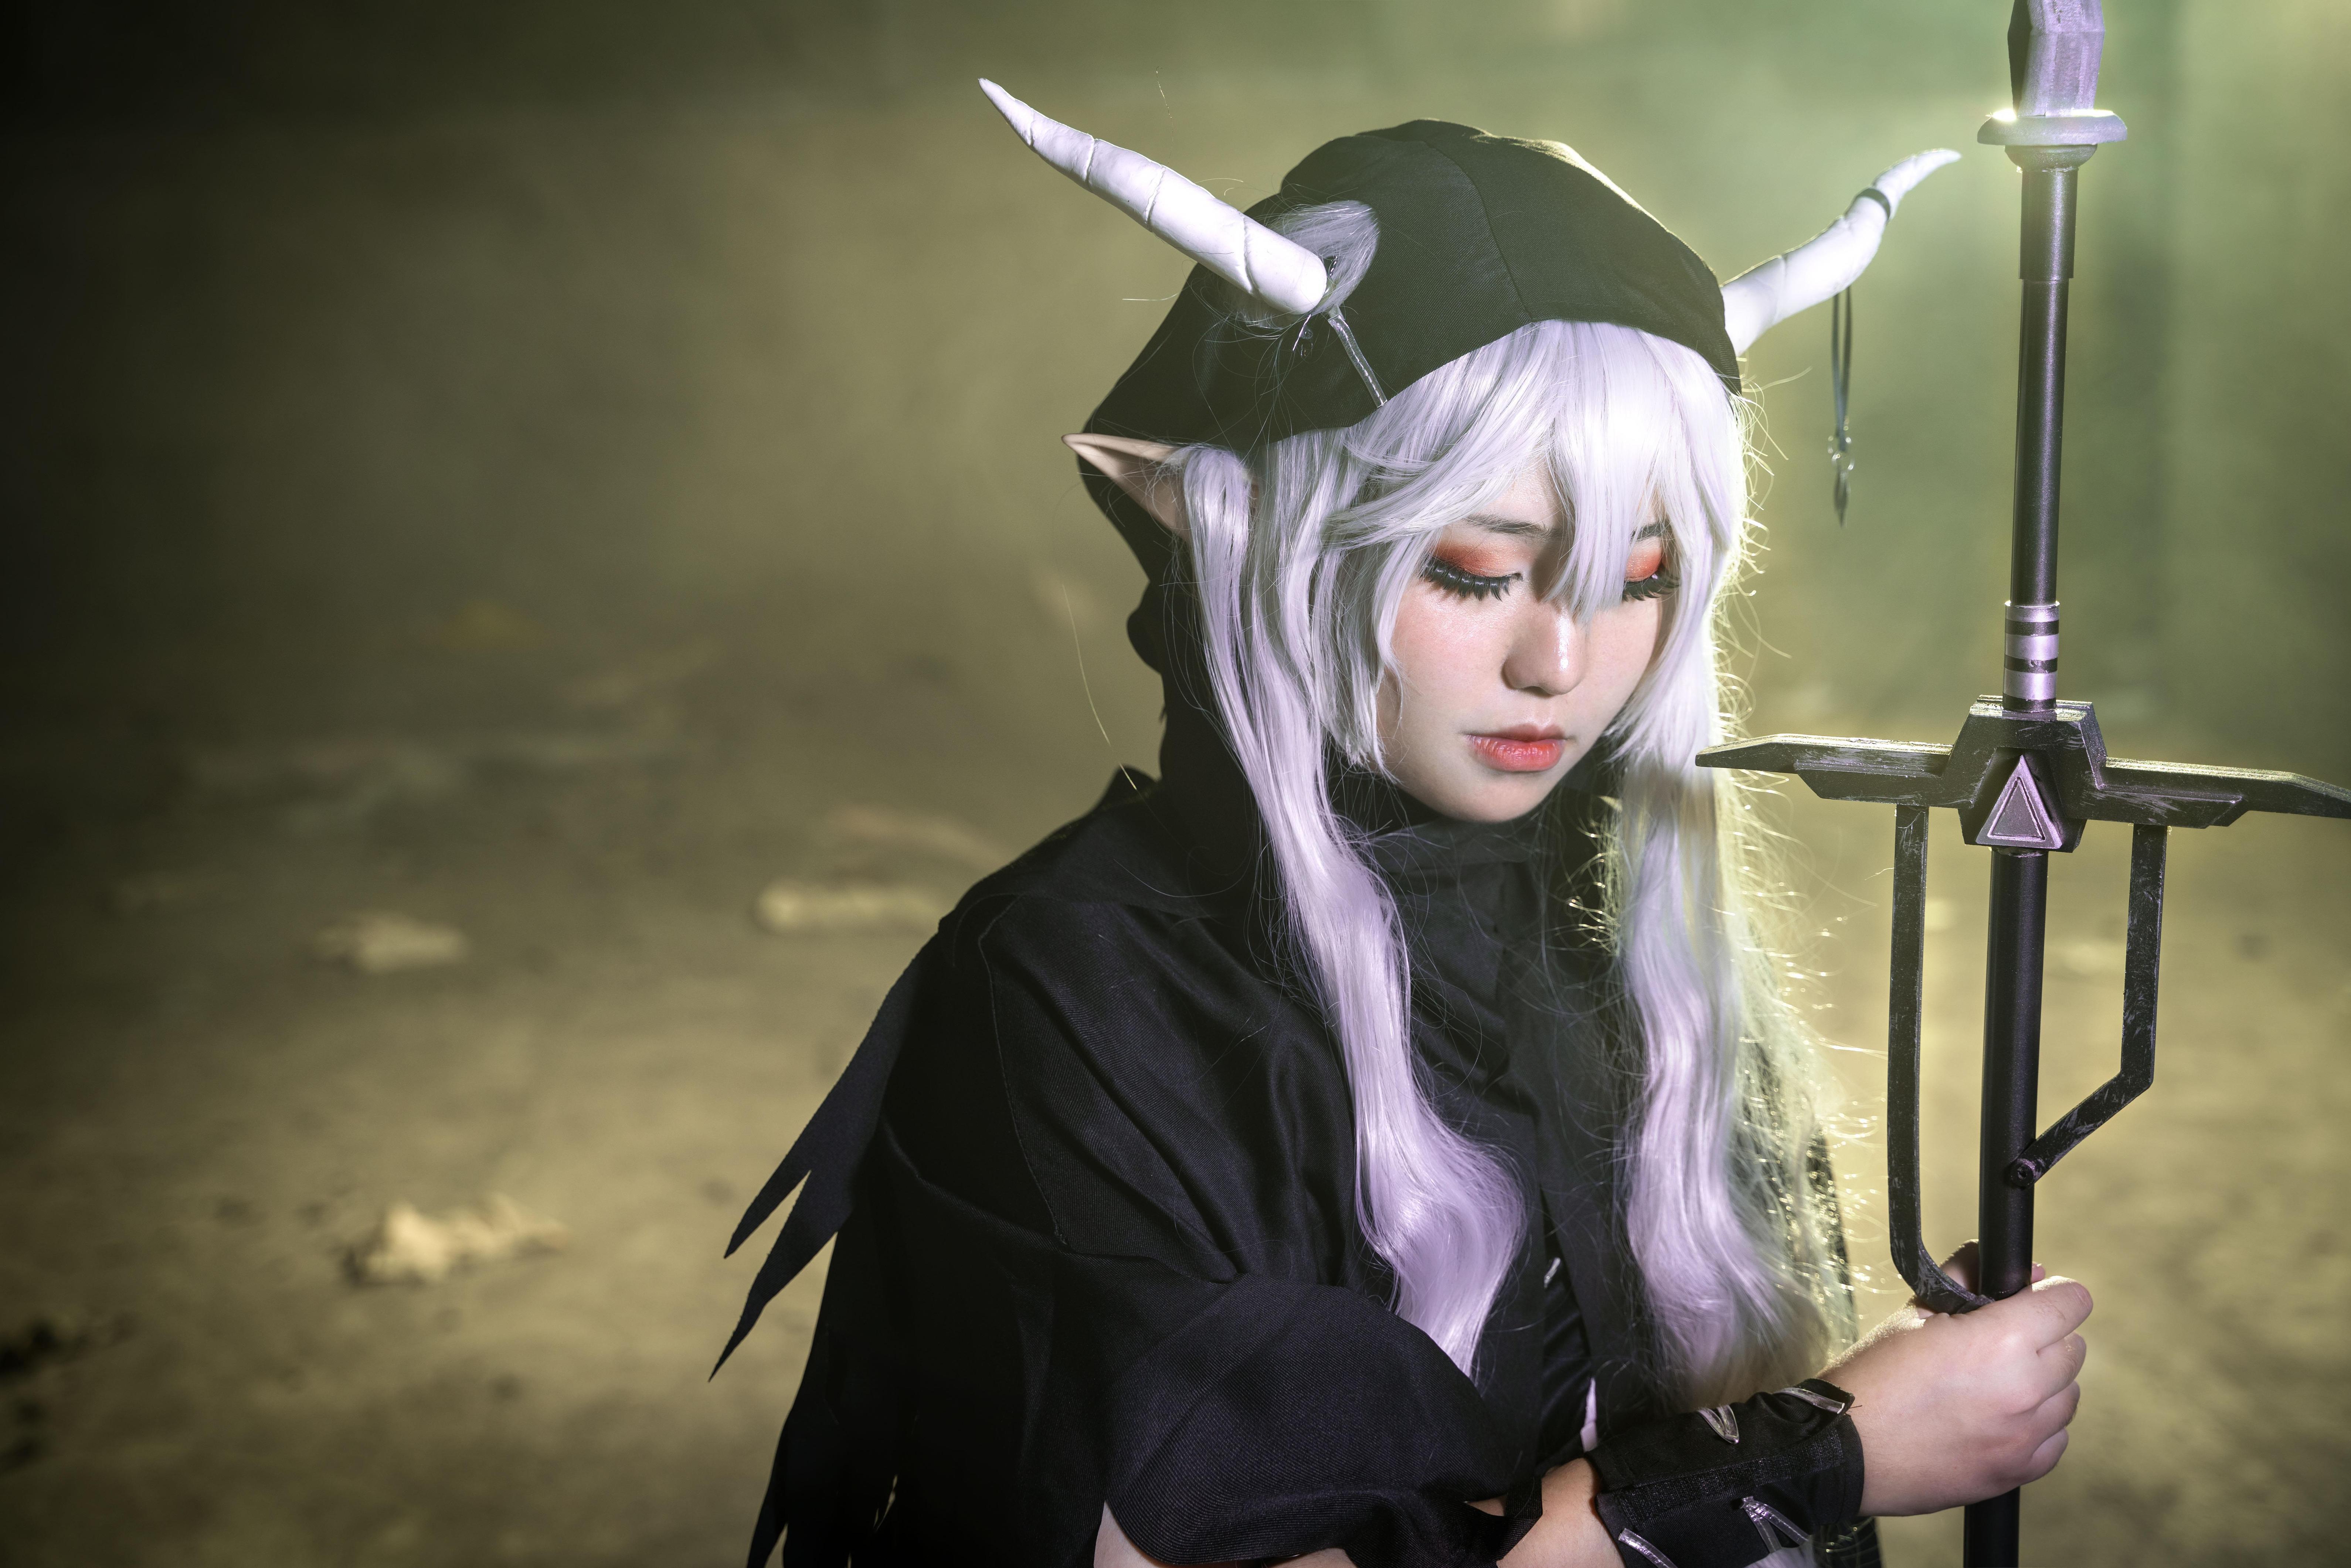 《明日方舟》正片cosplay【CN:离鸢三岁半】-第7张